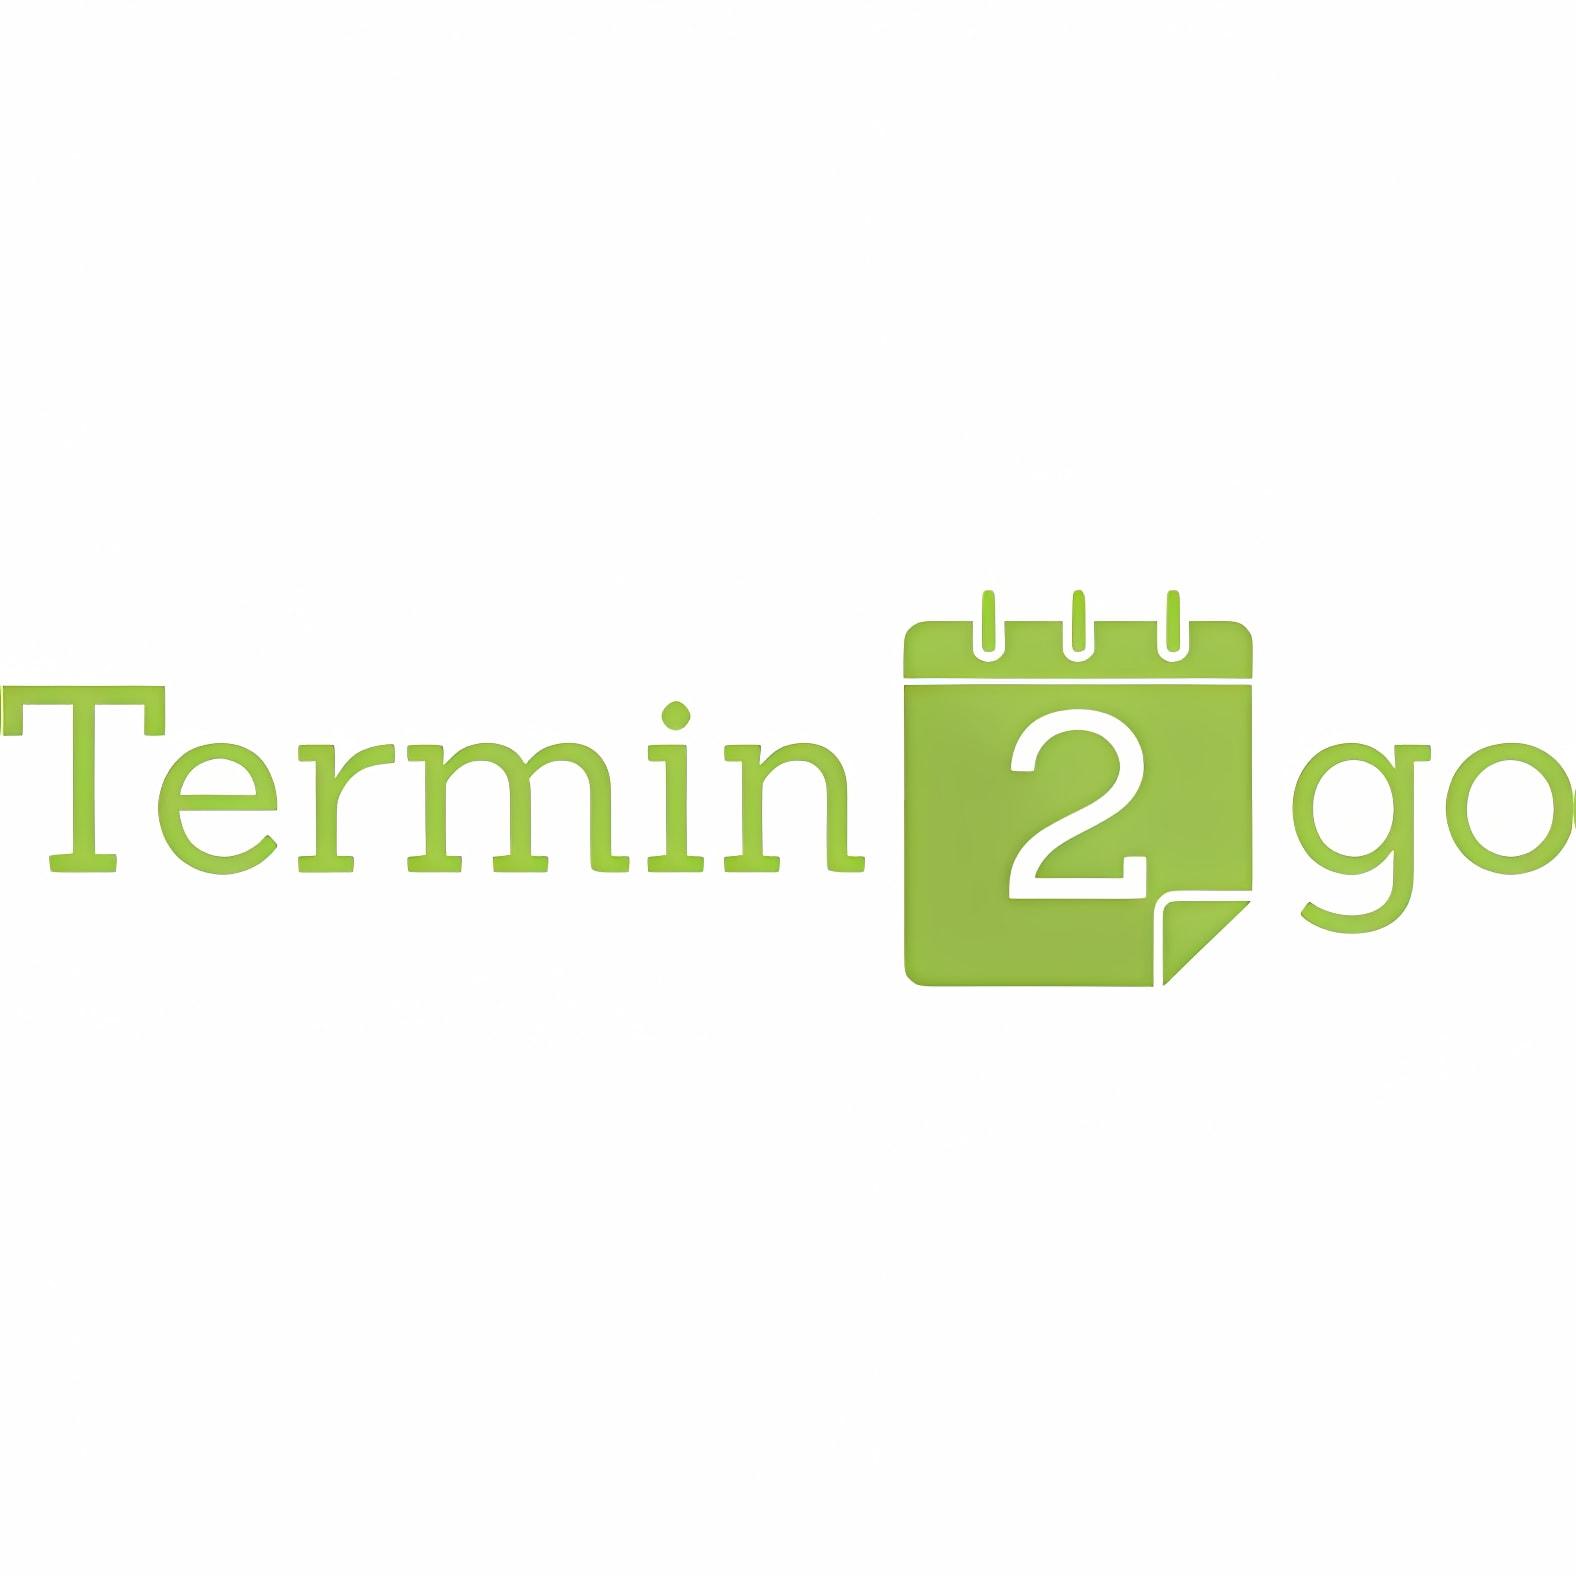 Termin2go